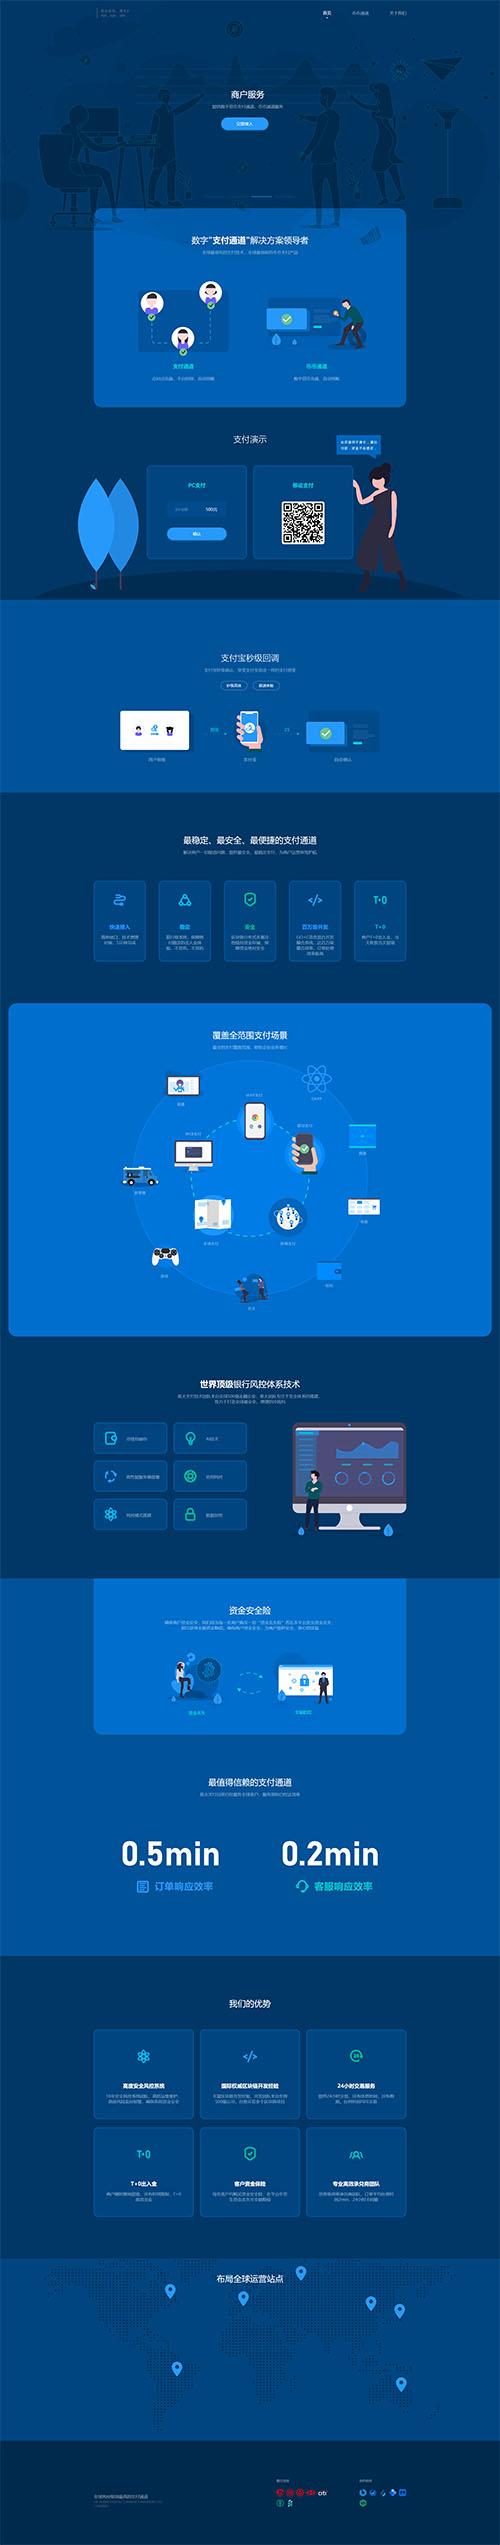 「亲测」星火支付源码/USDT承兑系统/支持ERC20 OMNI/代理商/USDT场外OTC/数字货币-图1